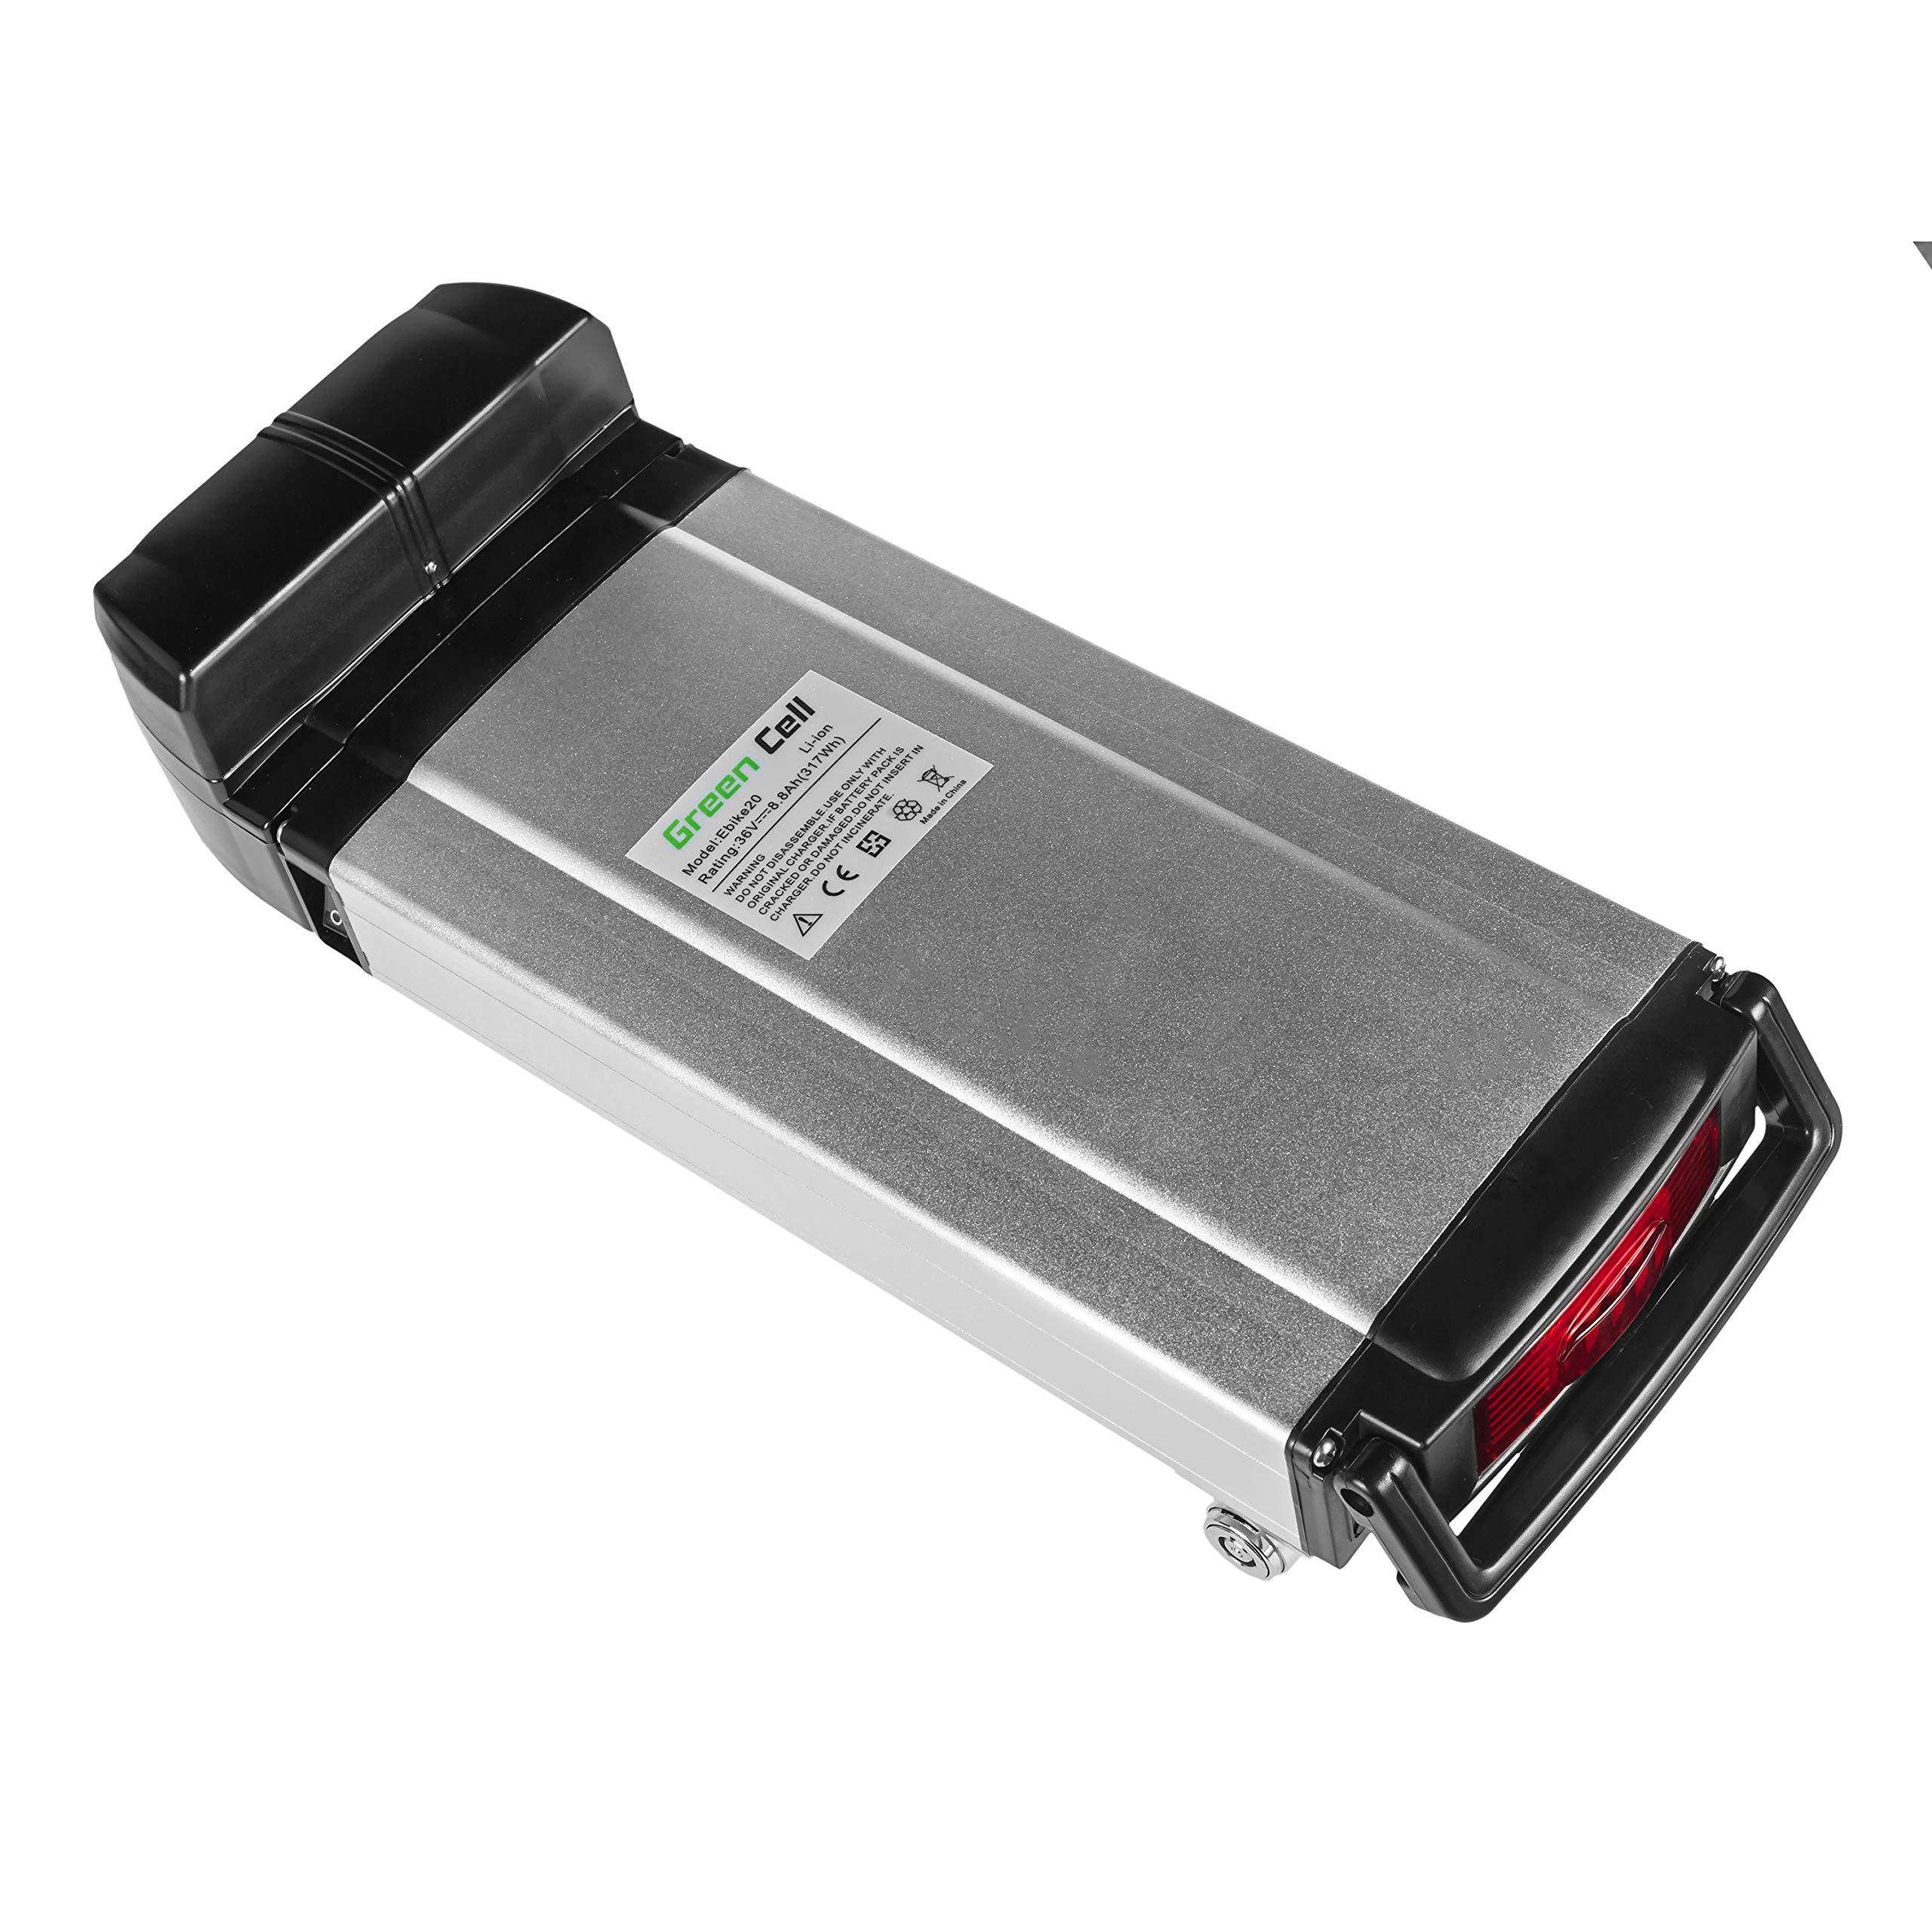 GC® Bateria Bicicleta Electrica 36V 8.8Ah con Celdas Originales Rear Rack E-Bike Li-Ion Batería y Cargador: Amazon.es: Electrónica